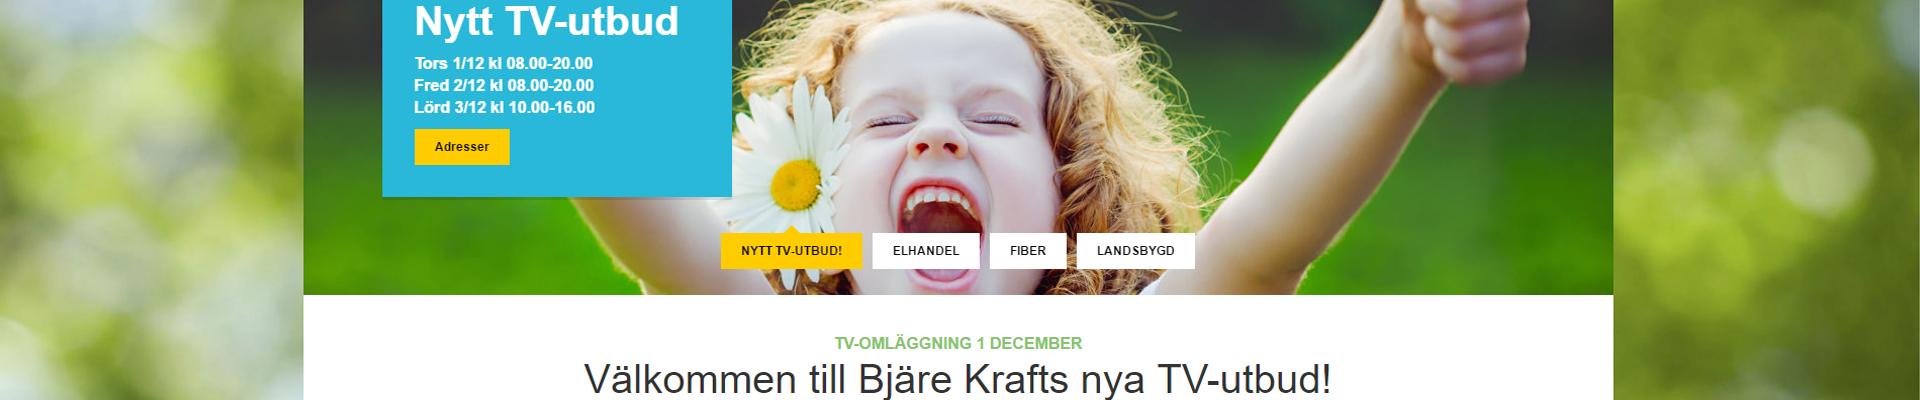 TV-OMLÄGGNING 1 DECEMBER